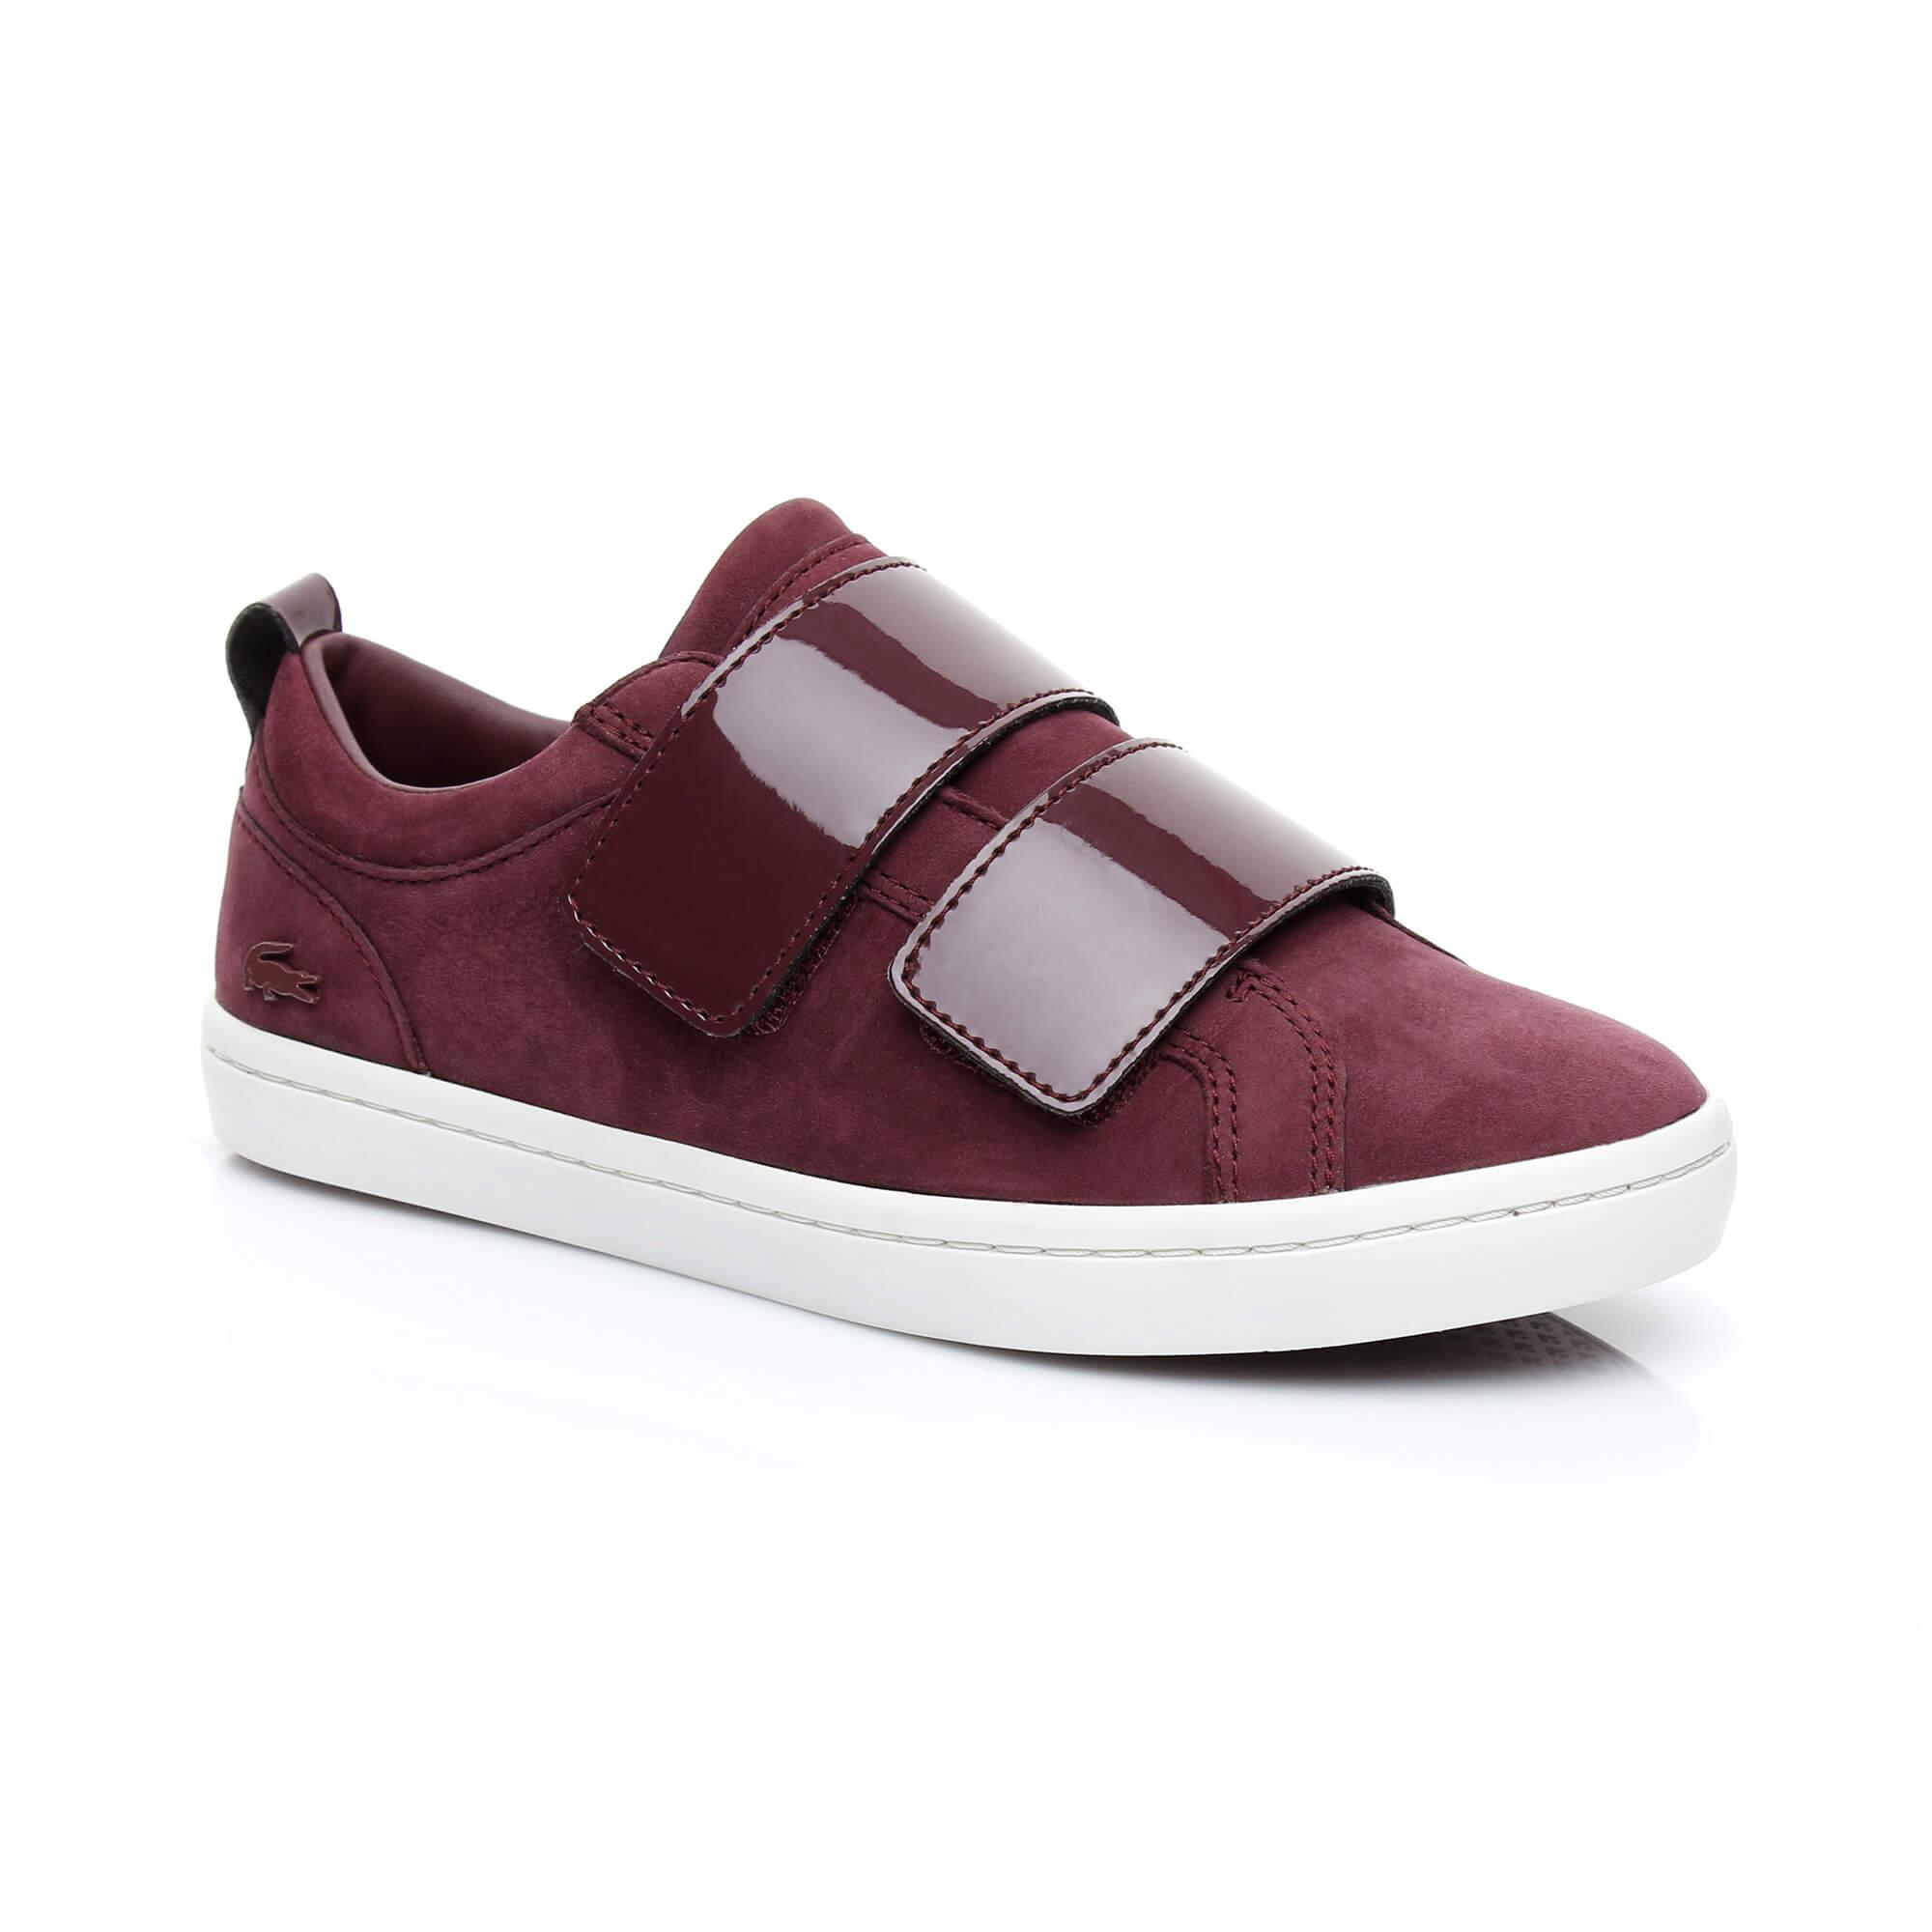 Lacoste Women's Straightset Strap 318 1 Bordeaux Sneaker